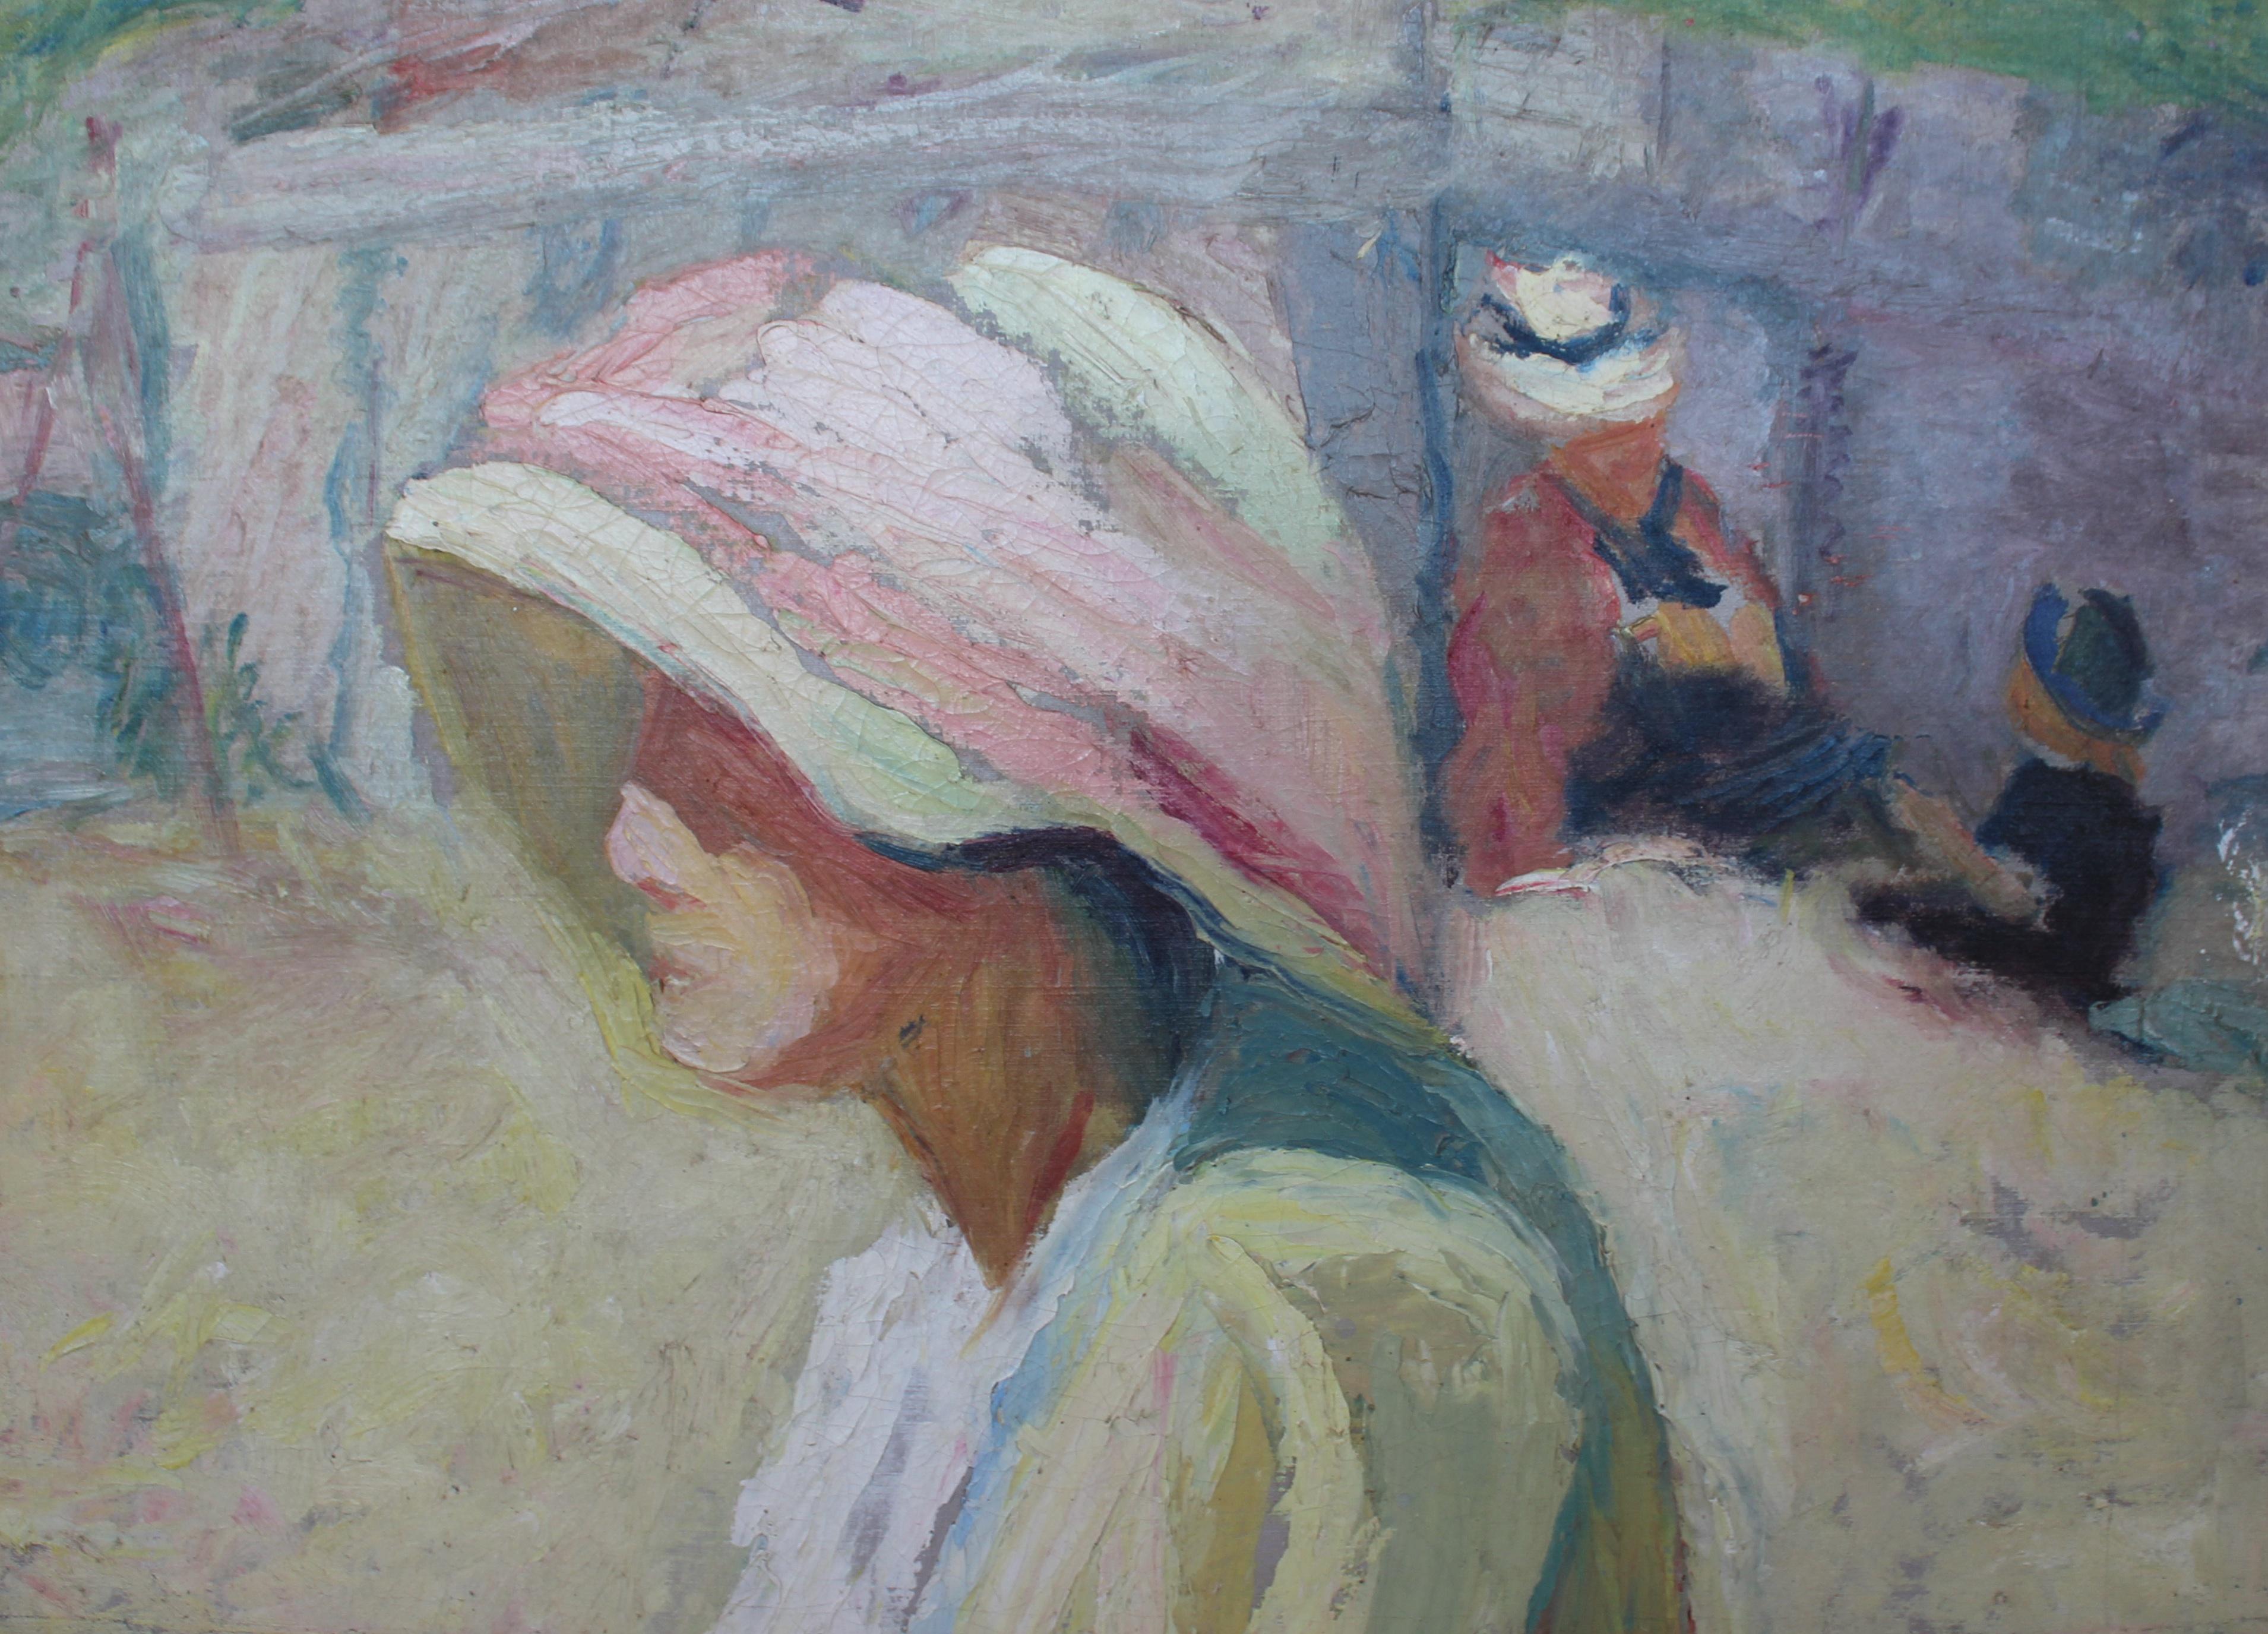 Mudhead by Louise Zaring